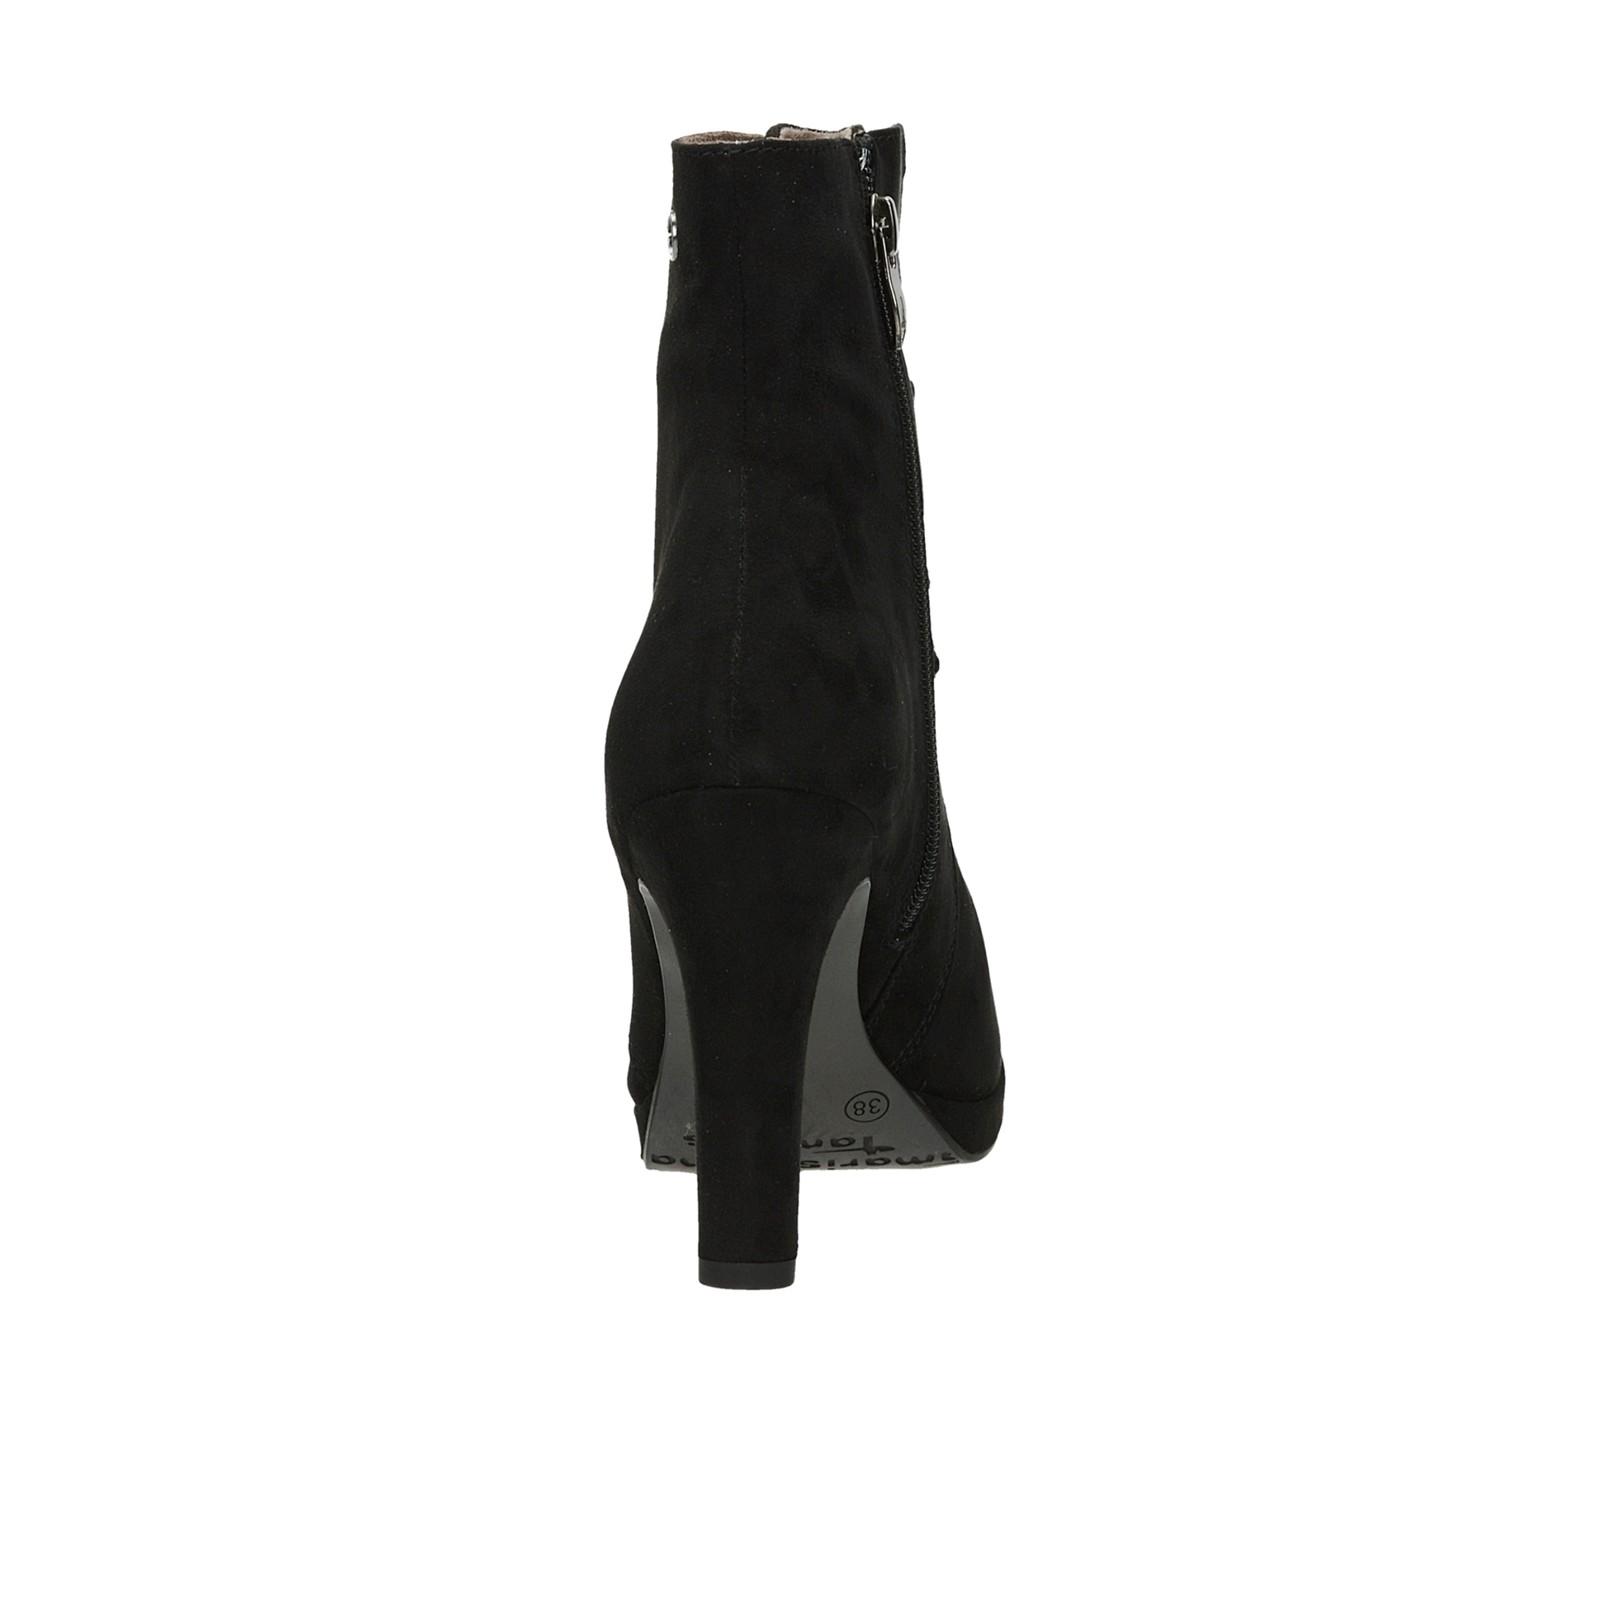 Tamaris dámske kotníky na vysokom podpätku - čierne